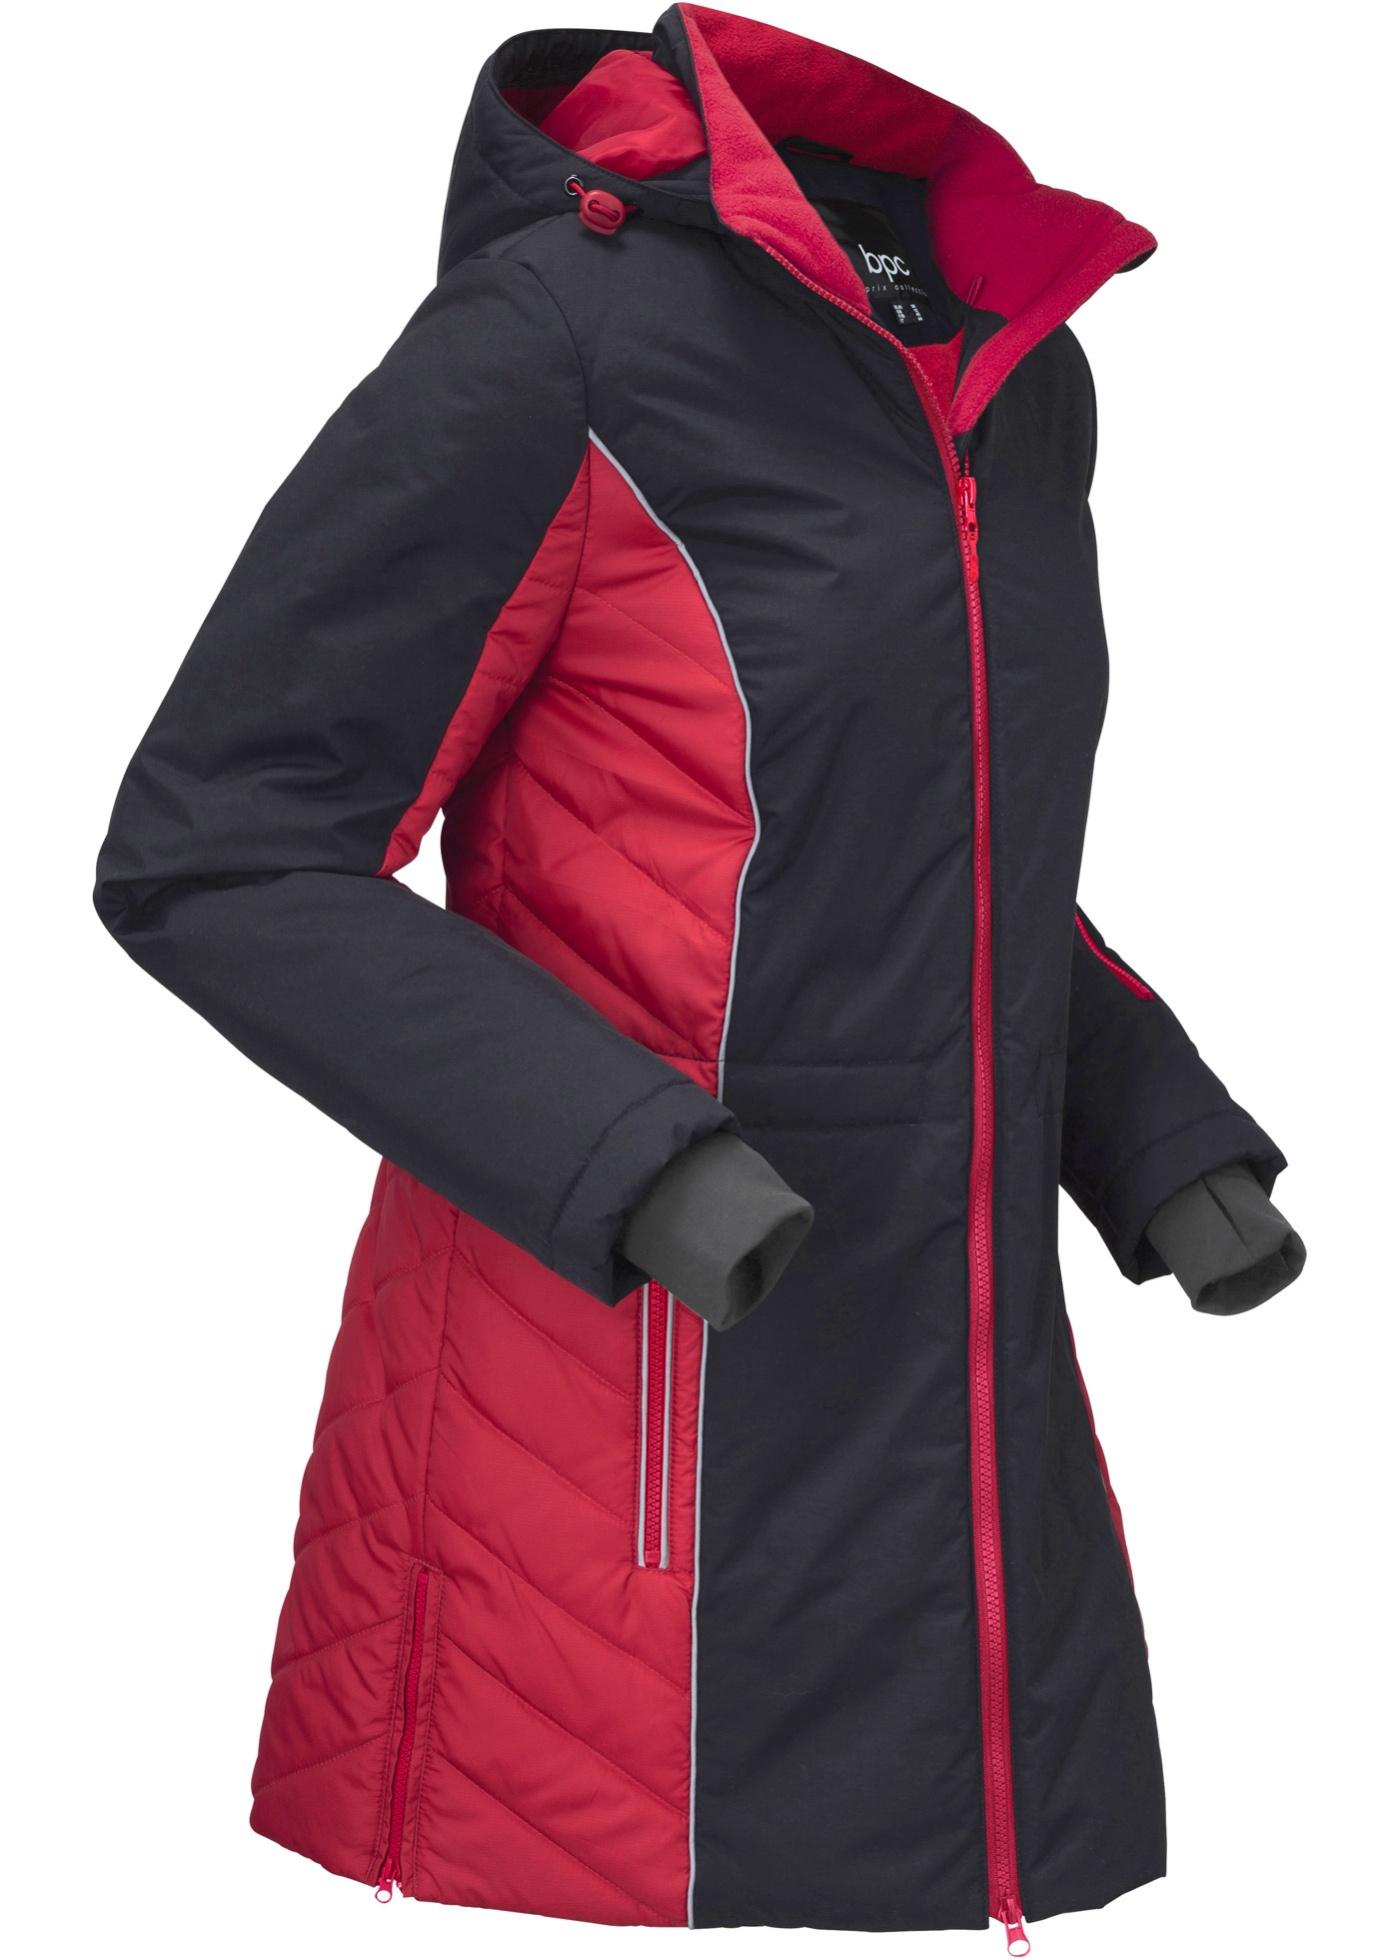 Veste outdoor fonctionnelle avec détails réfléchissants